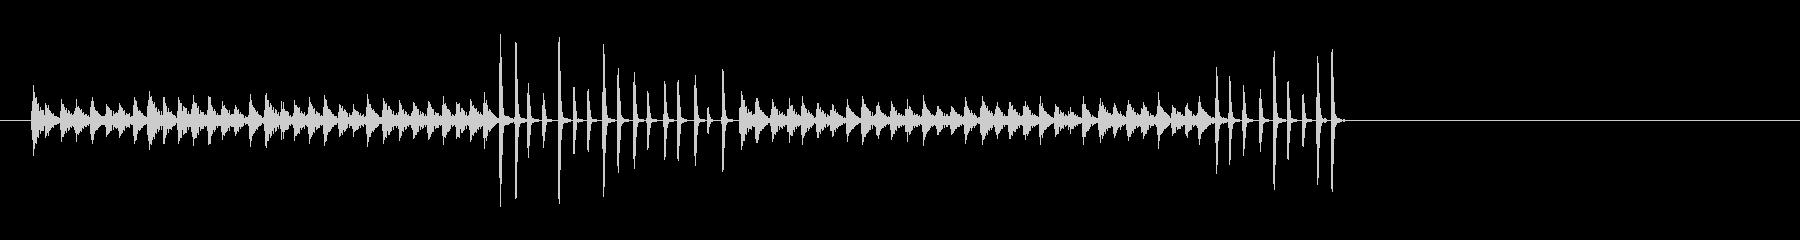 ログドラムとブロック。ランニング、...の未再生の波形